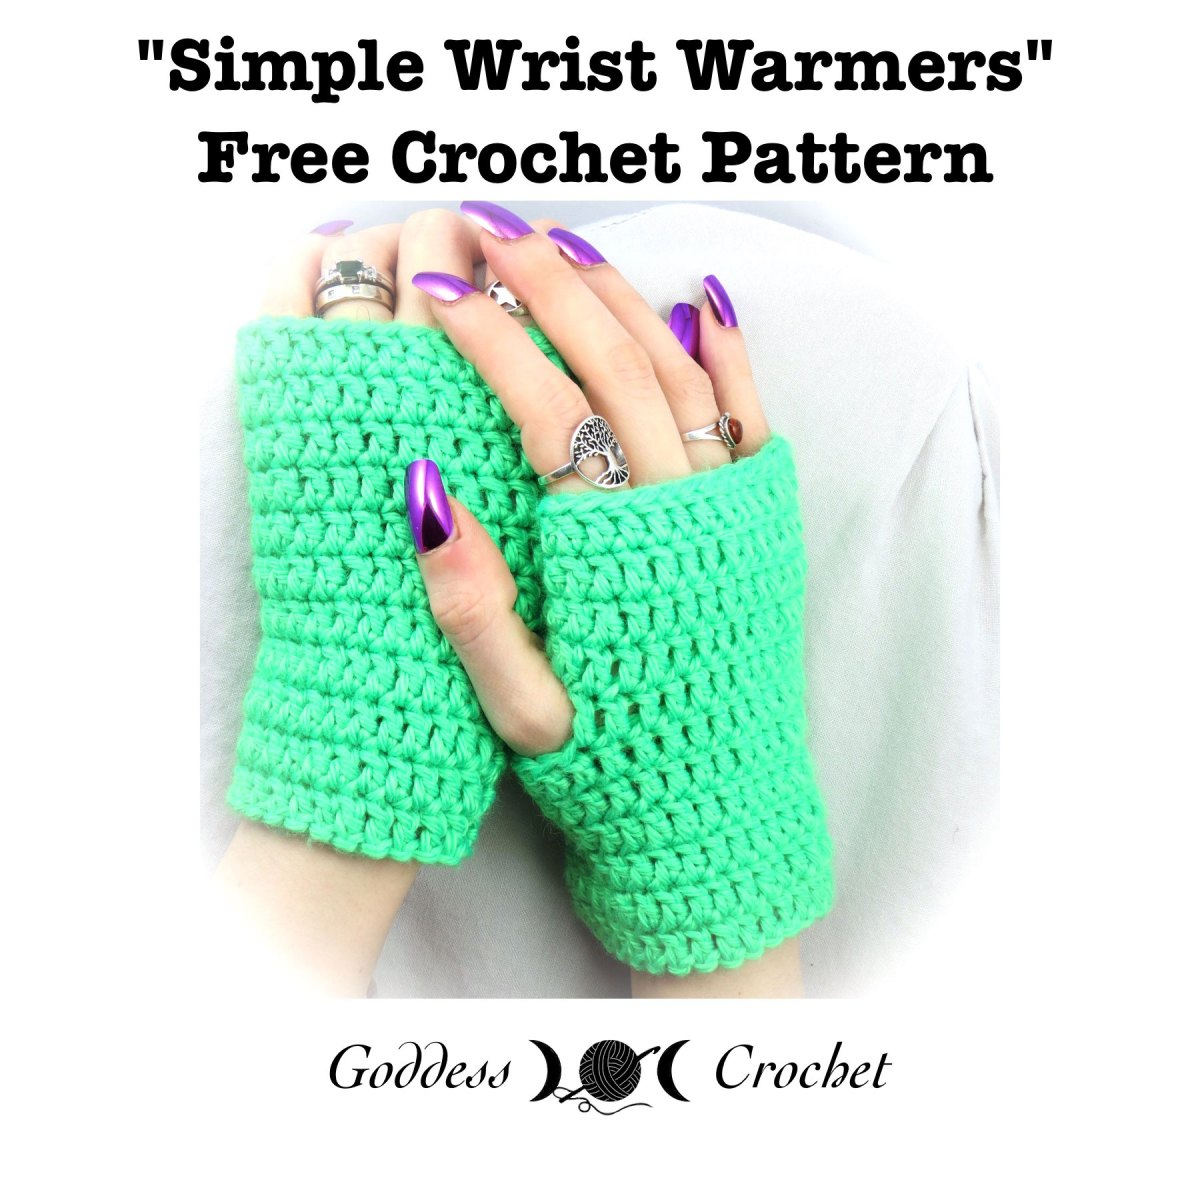 Simple Wrist Warmers - Free Crochet Pattern - Goddess Crochet